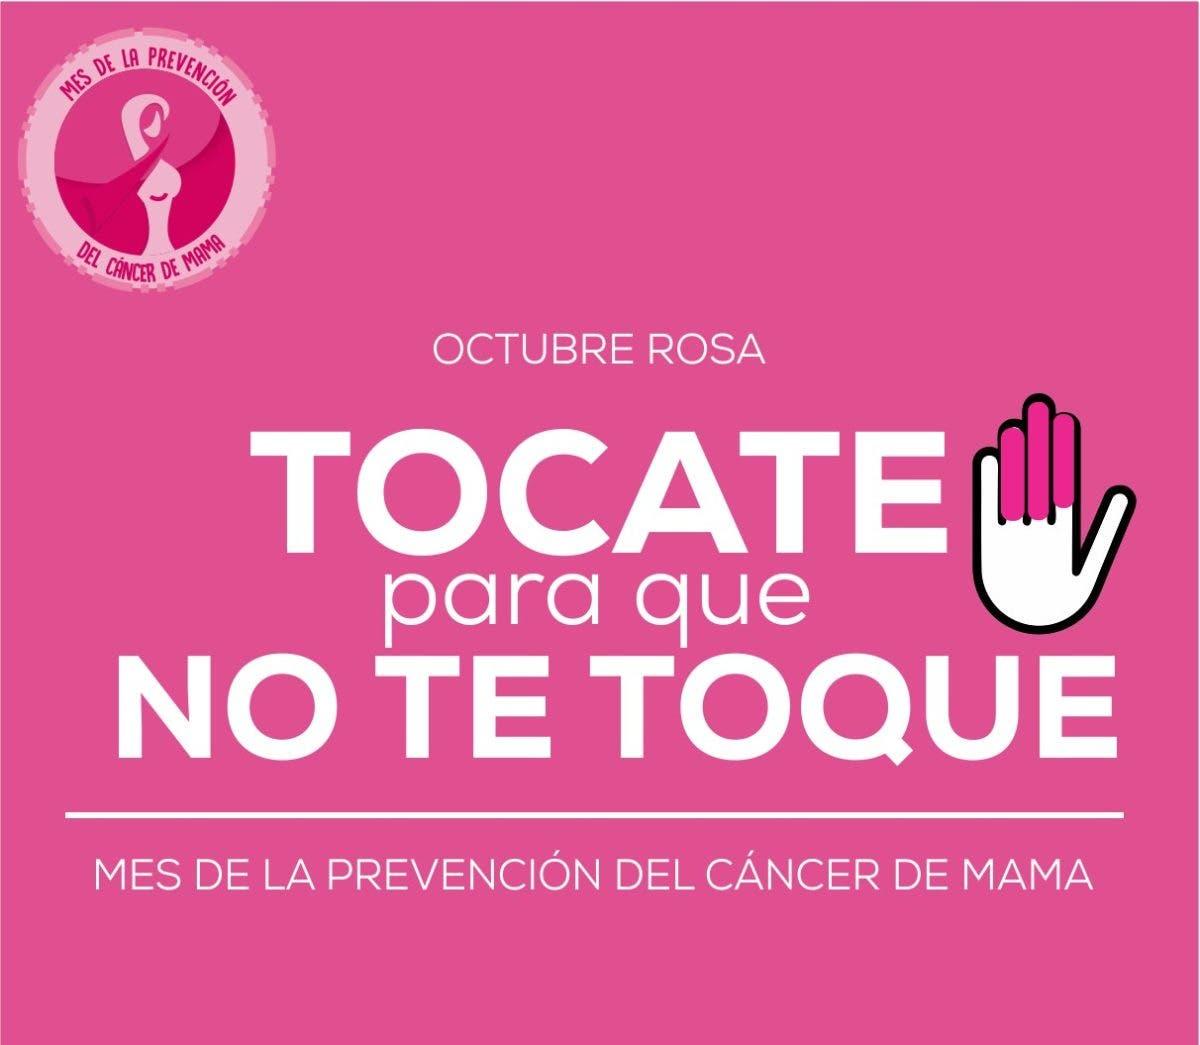 ARS con campaña contra cáncer de mama